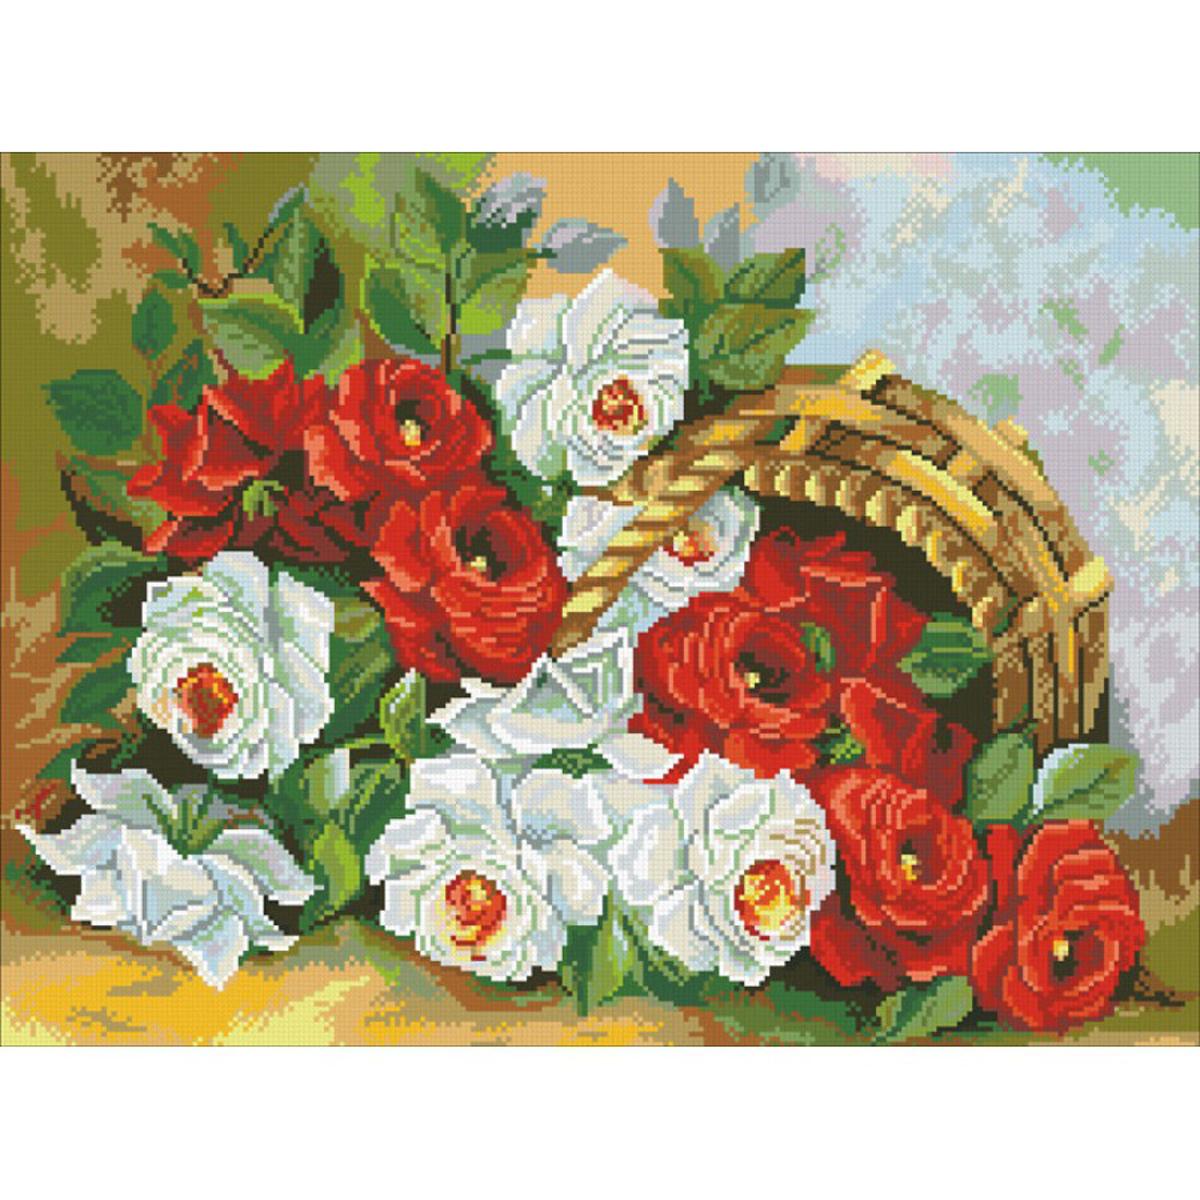 Набор для изготовления картины со стразами Паутинка Корзина роз, 41 х 55 см486727Состав набора: мозаика — 32 цвета, холст с нанесенным рисунком и клеевым слоем, пинцет, подробная инструкция.